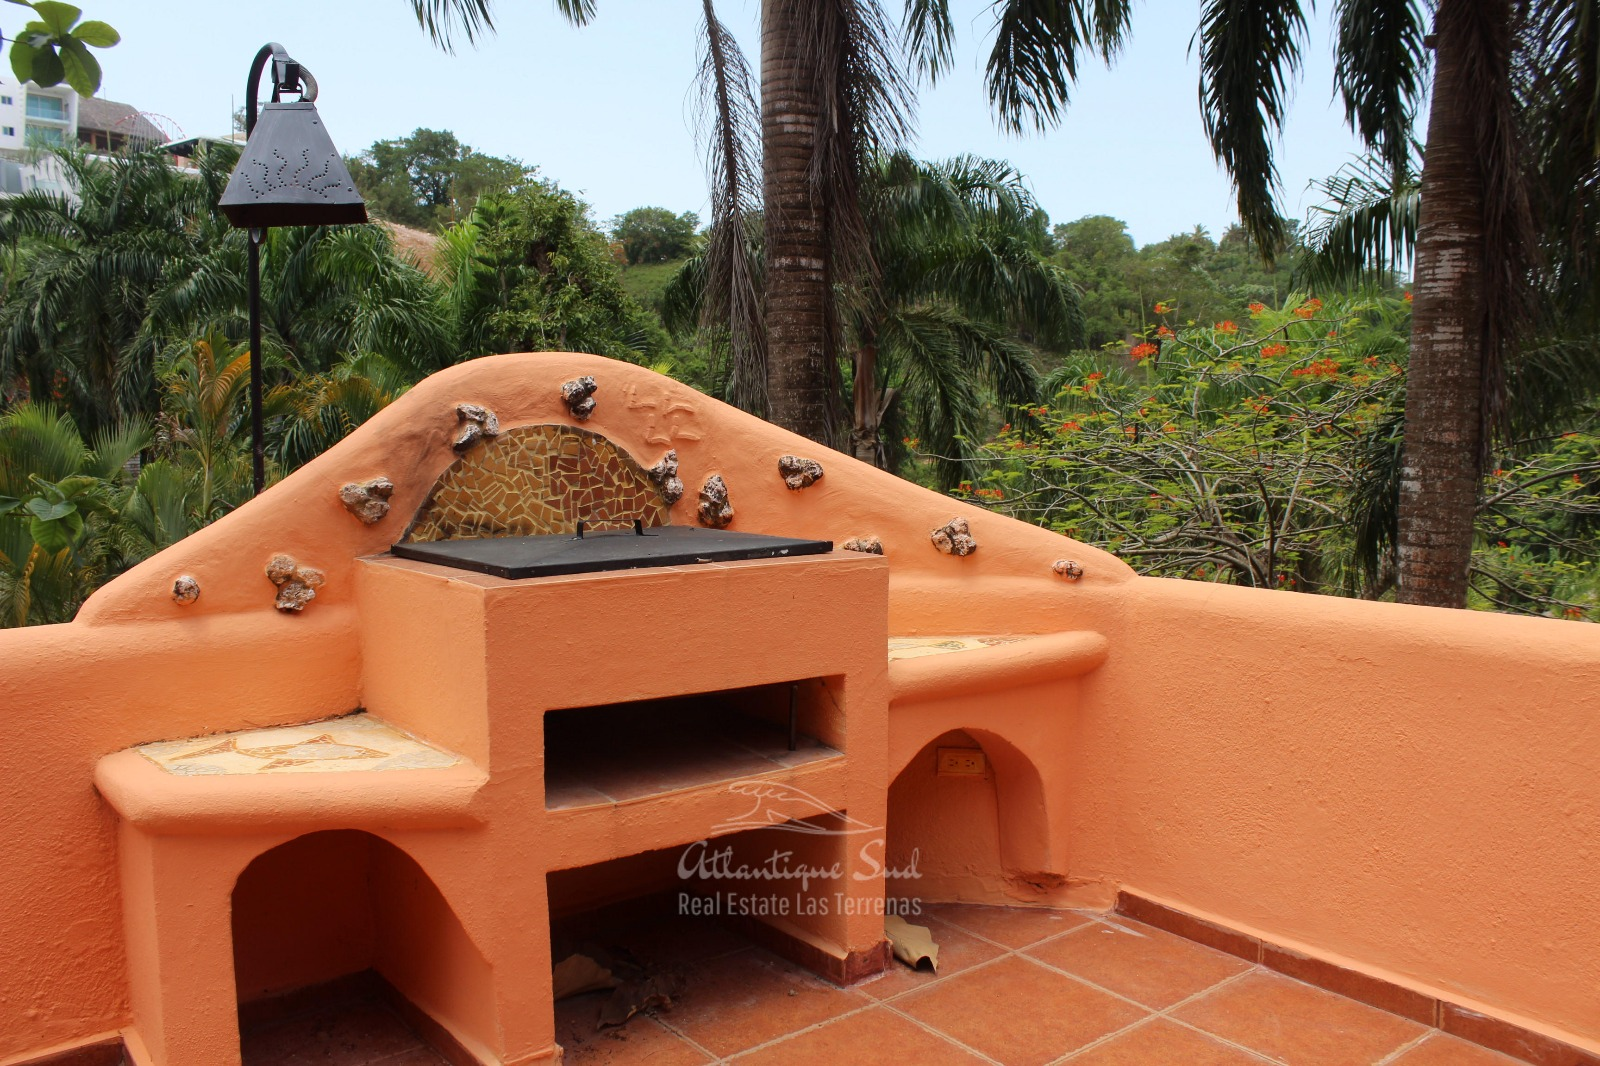 Mediterranean Condominiums for sale Real Estate Las Terrenas 40 (11).jpeg